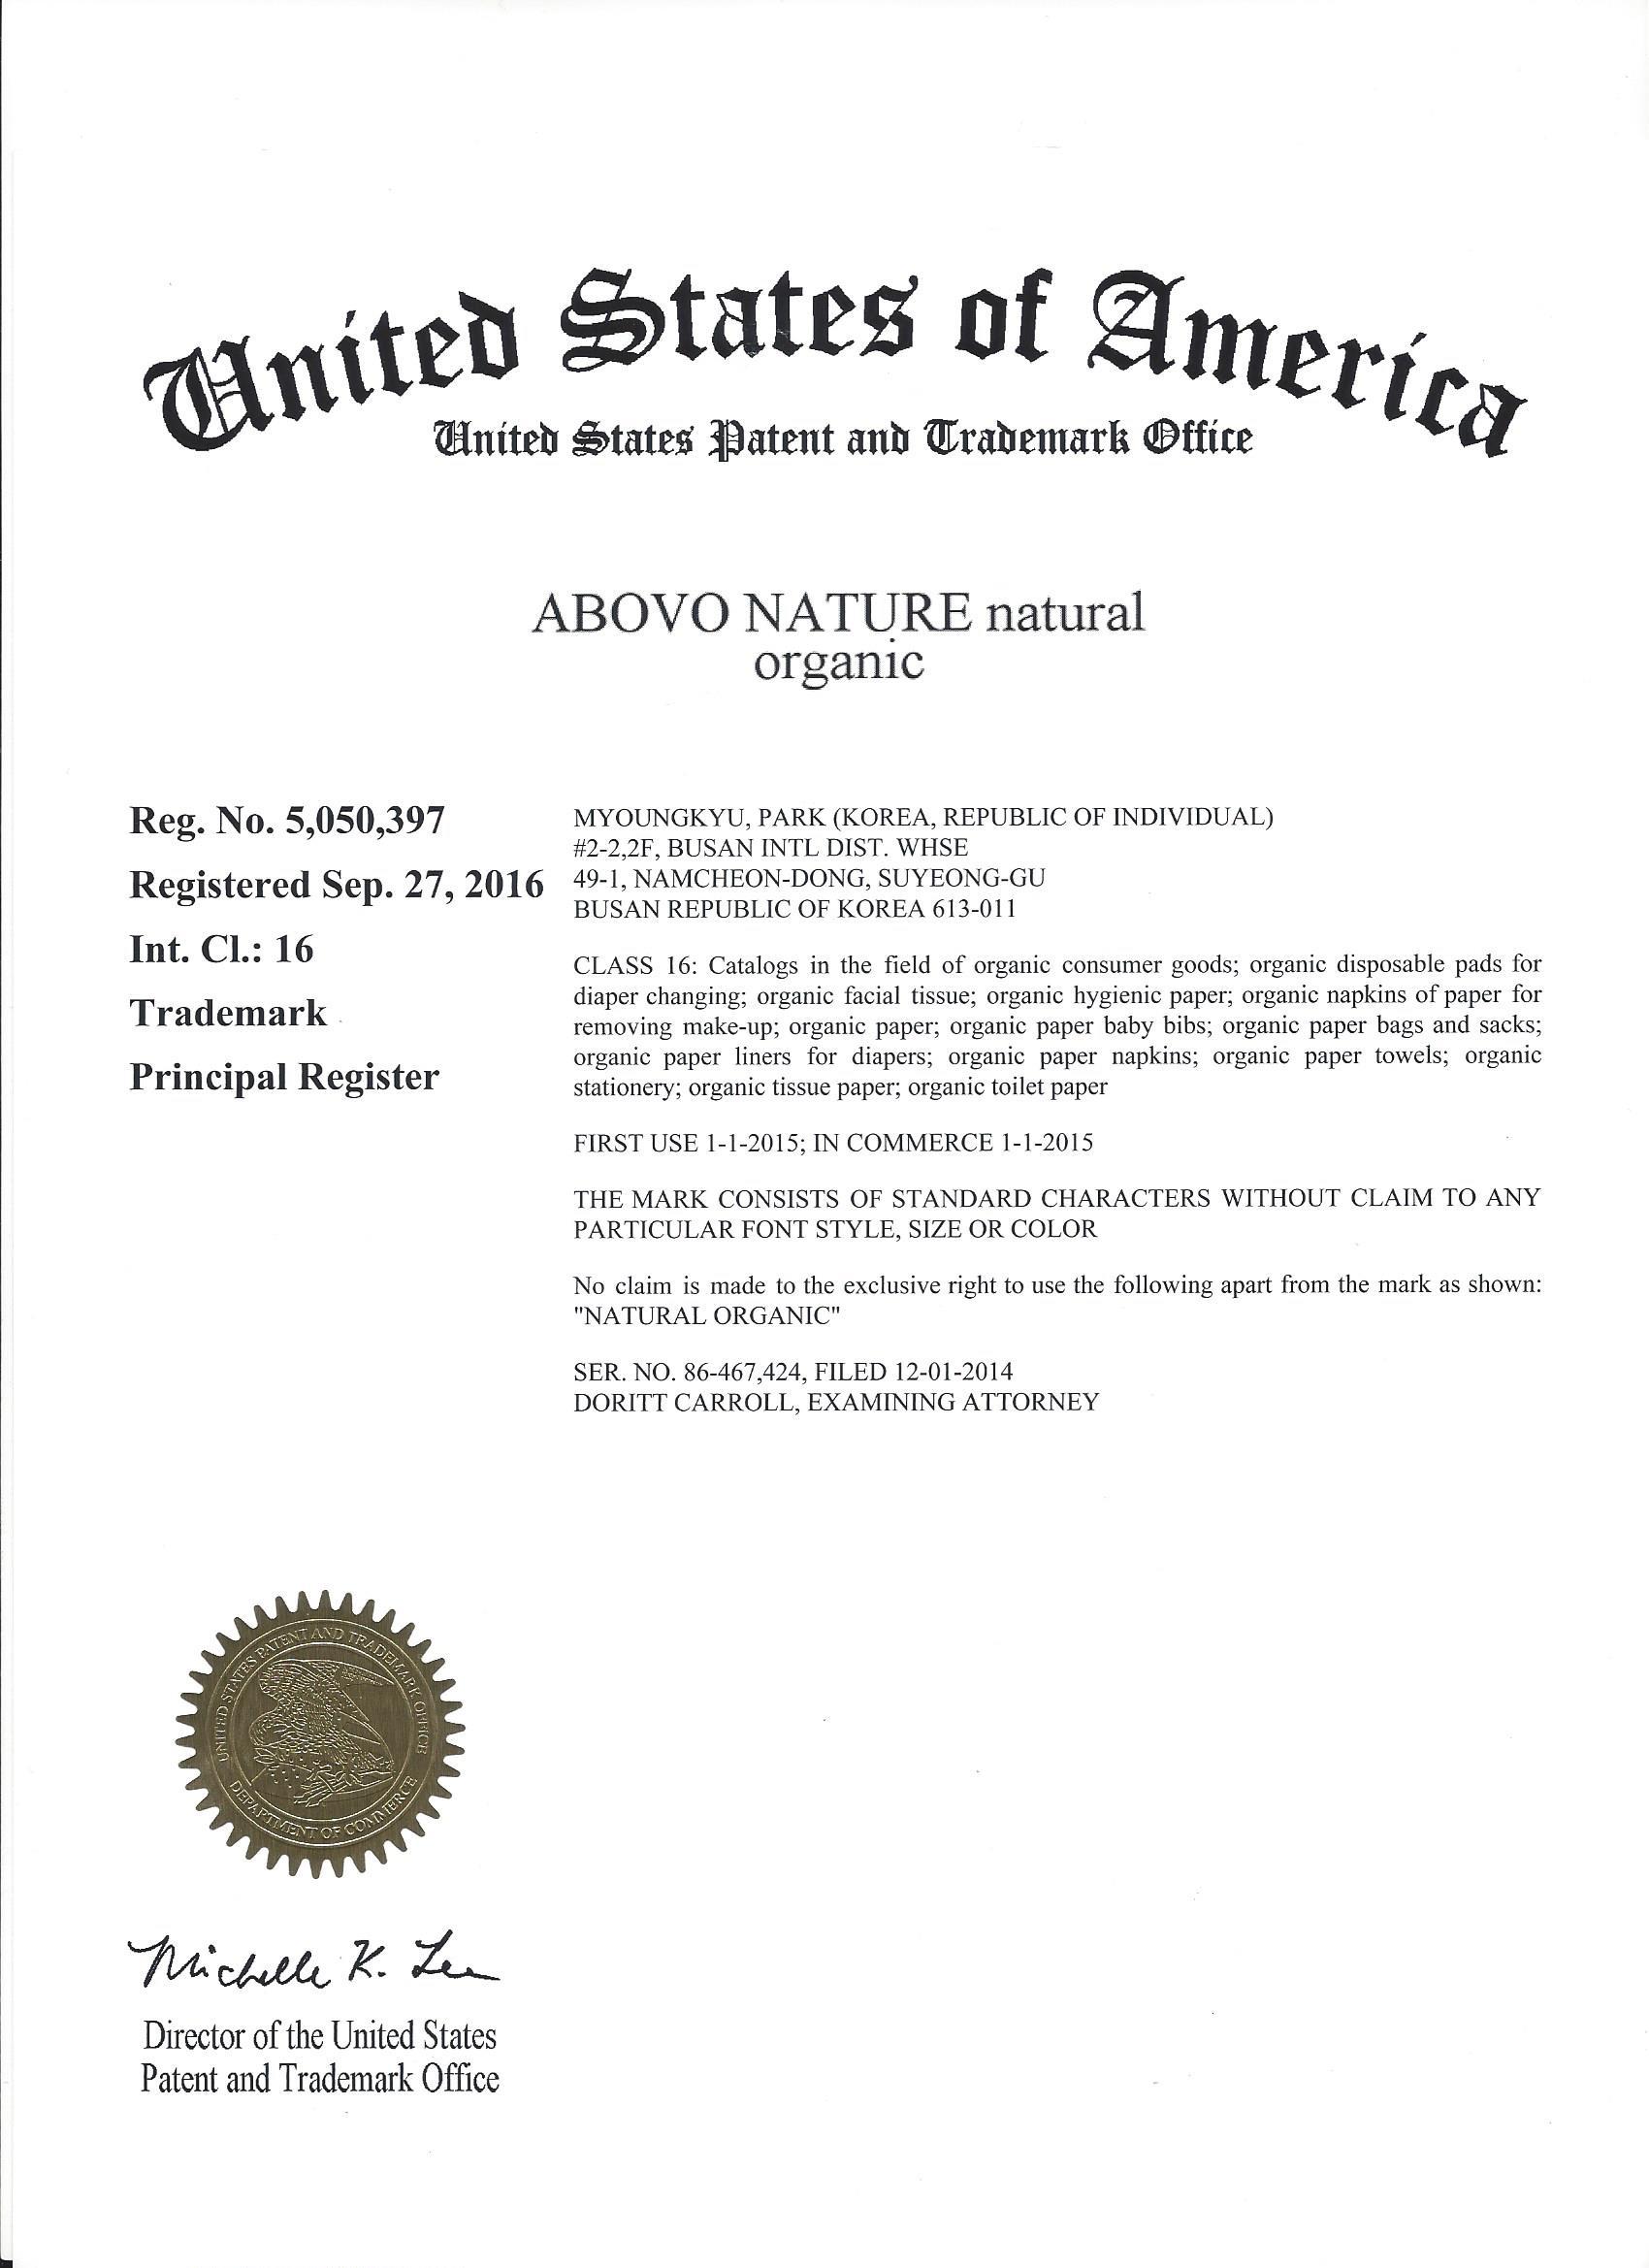 미국상표권 등록 abovonature naturalorganic-16류-1.jpg